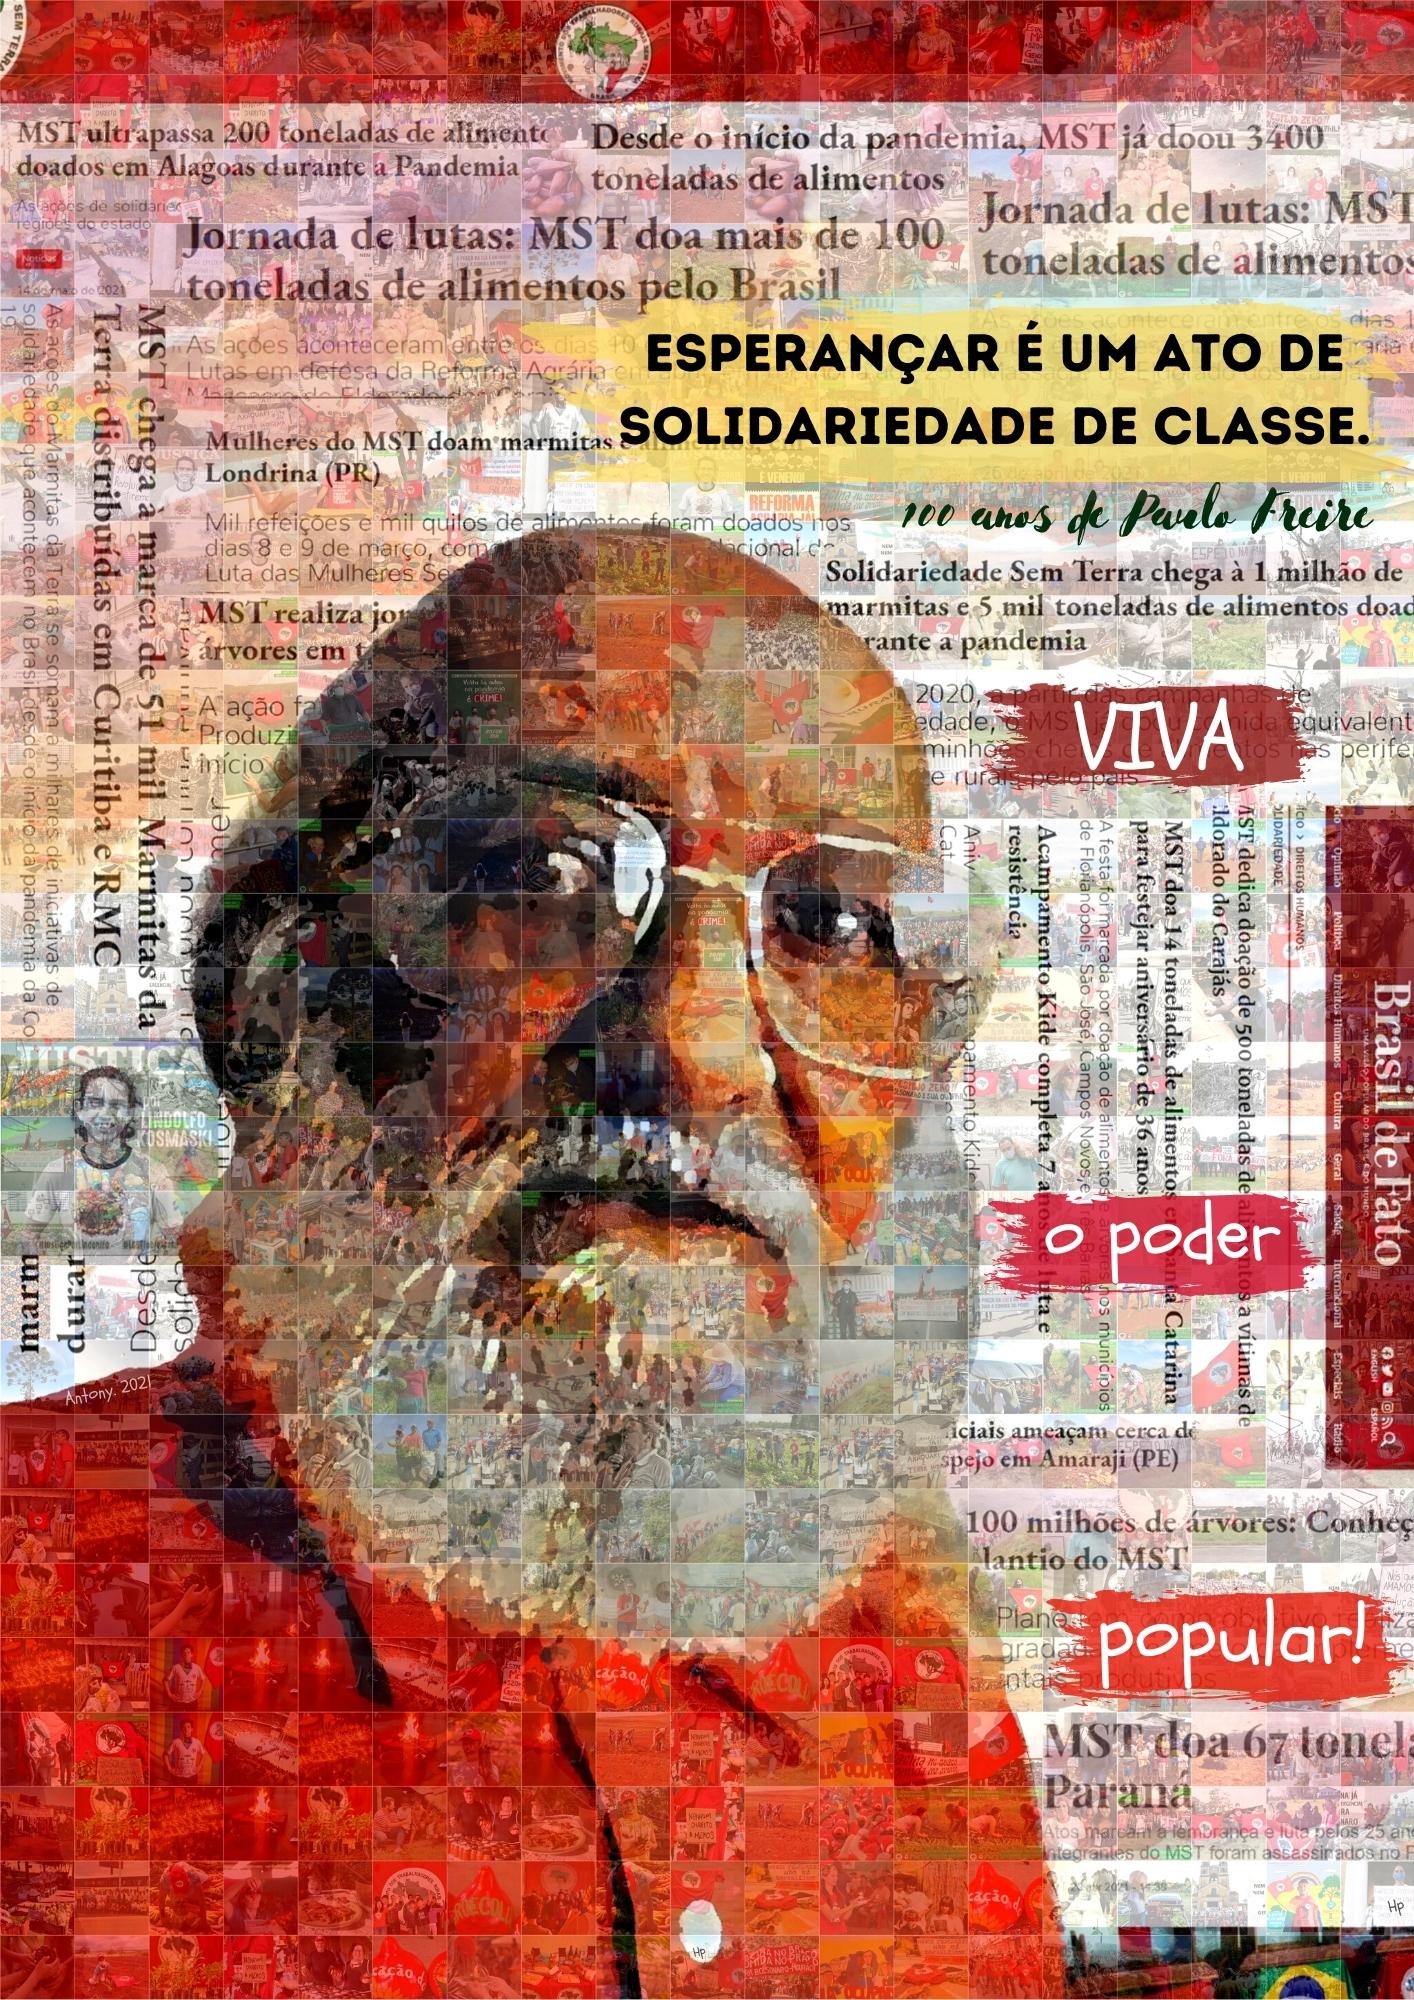 Confira a exposição de arte internacional em homenagem ao Centenário de Paulo Freire